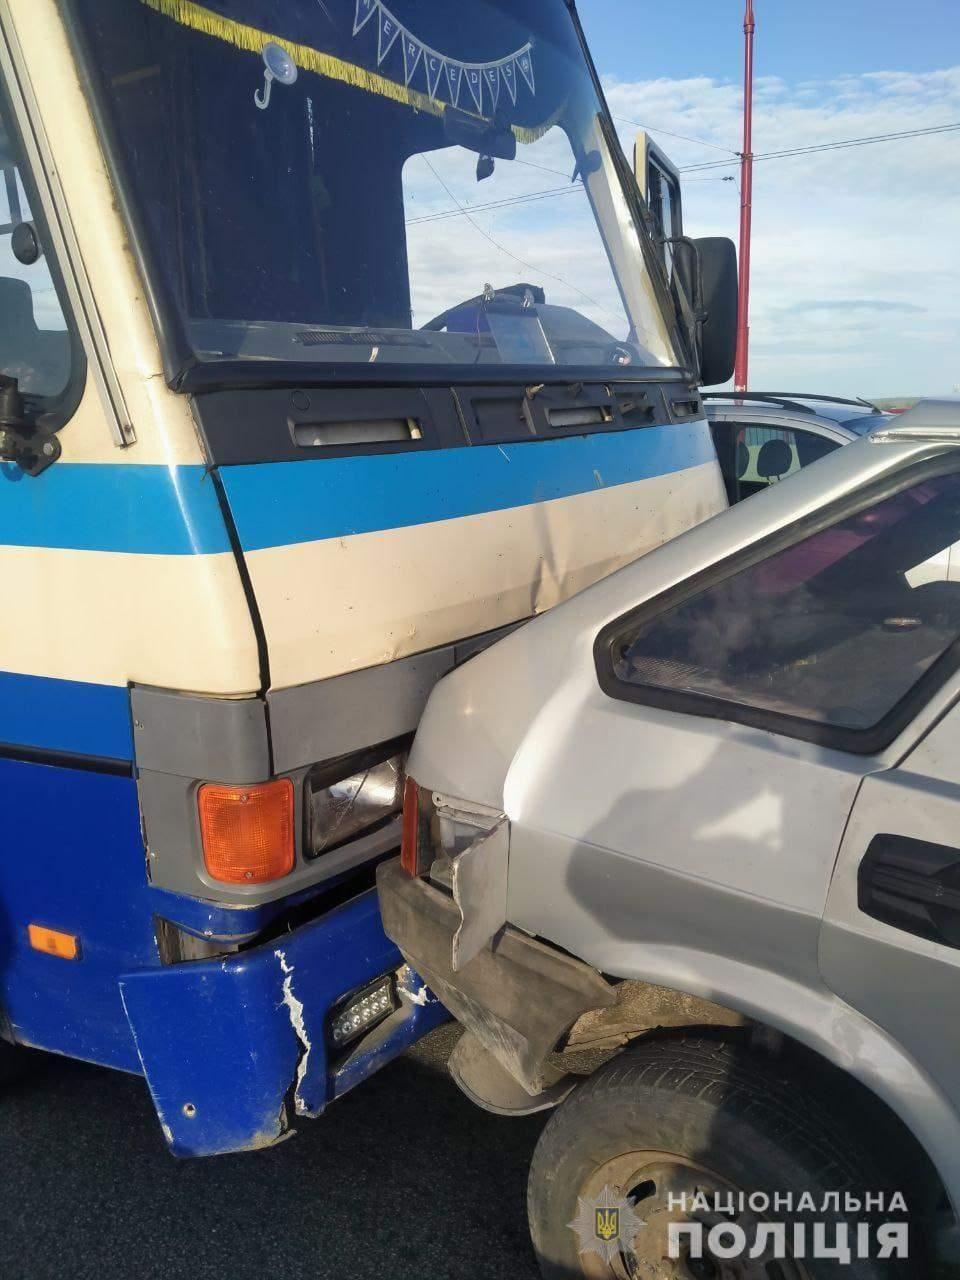 Аварія в Дніпрі на центральному мості 2 автобуси та легковик